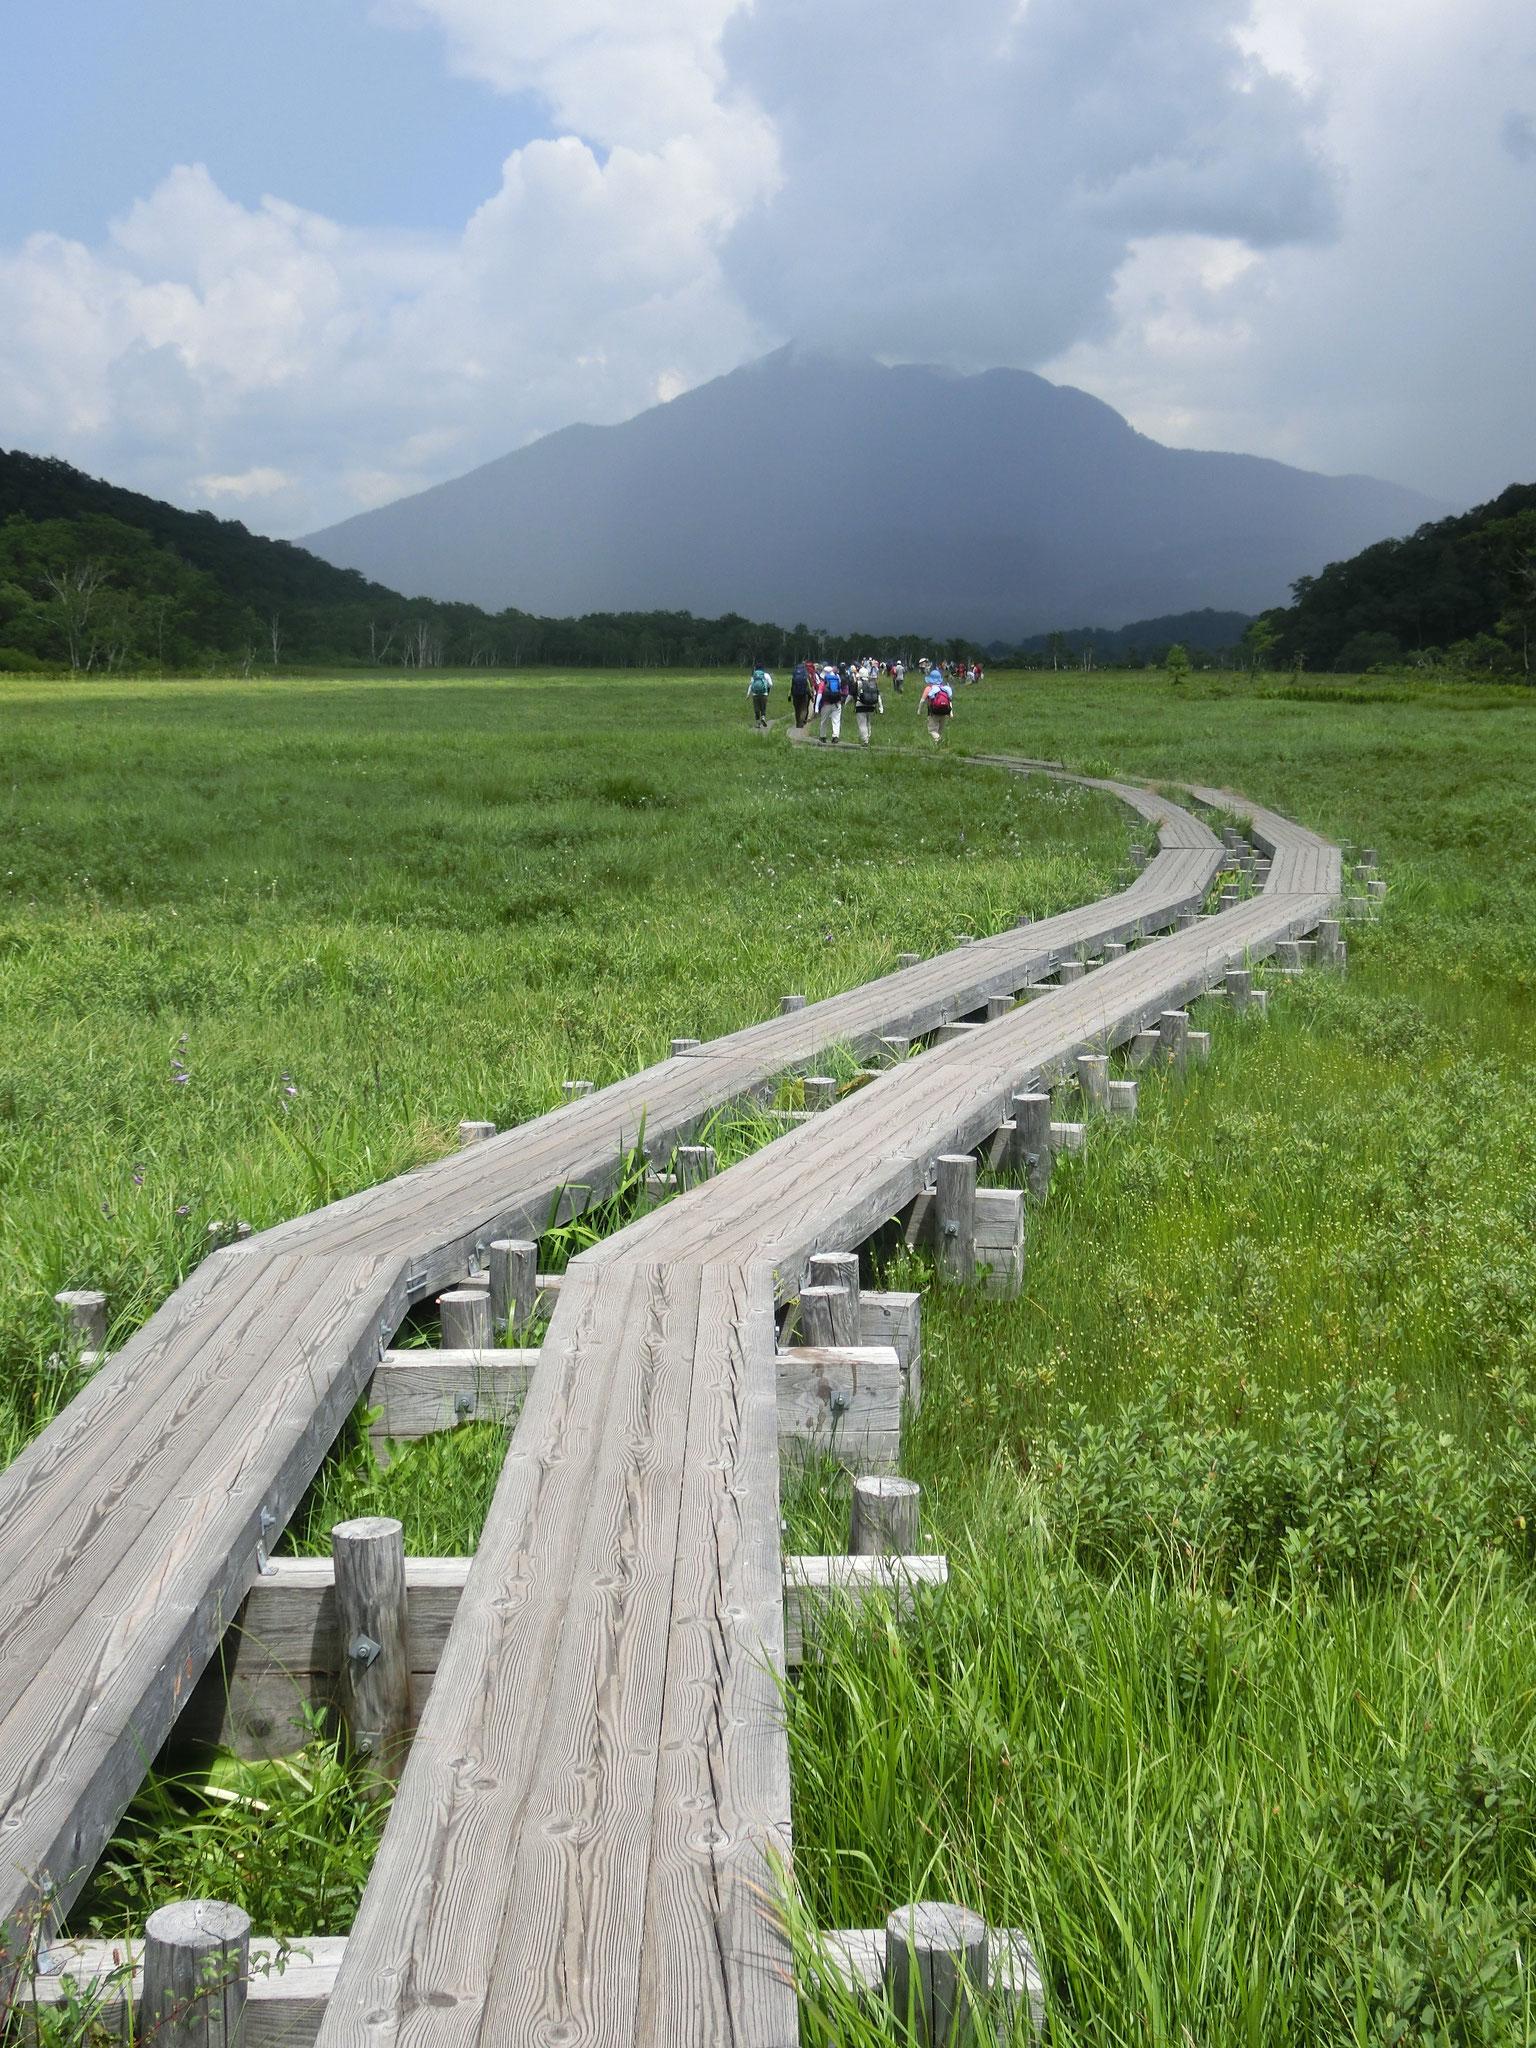 6月 尾瀬ヶ原の木道 (尾瀬国立高原)